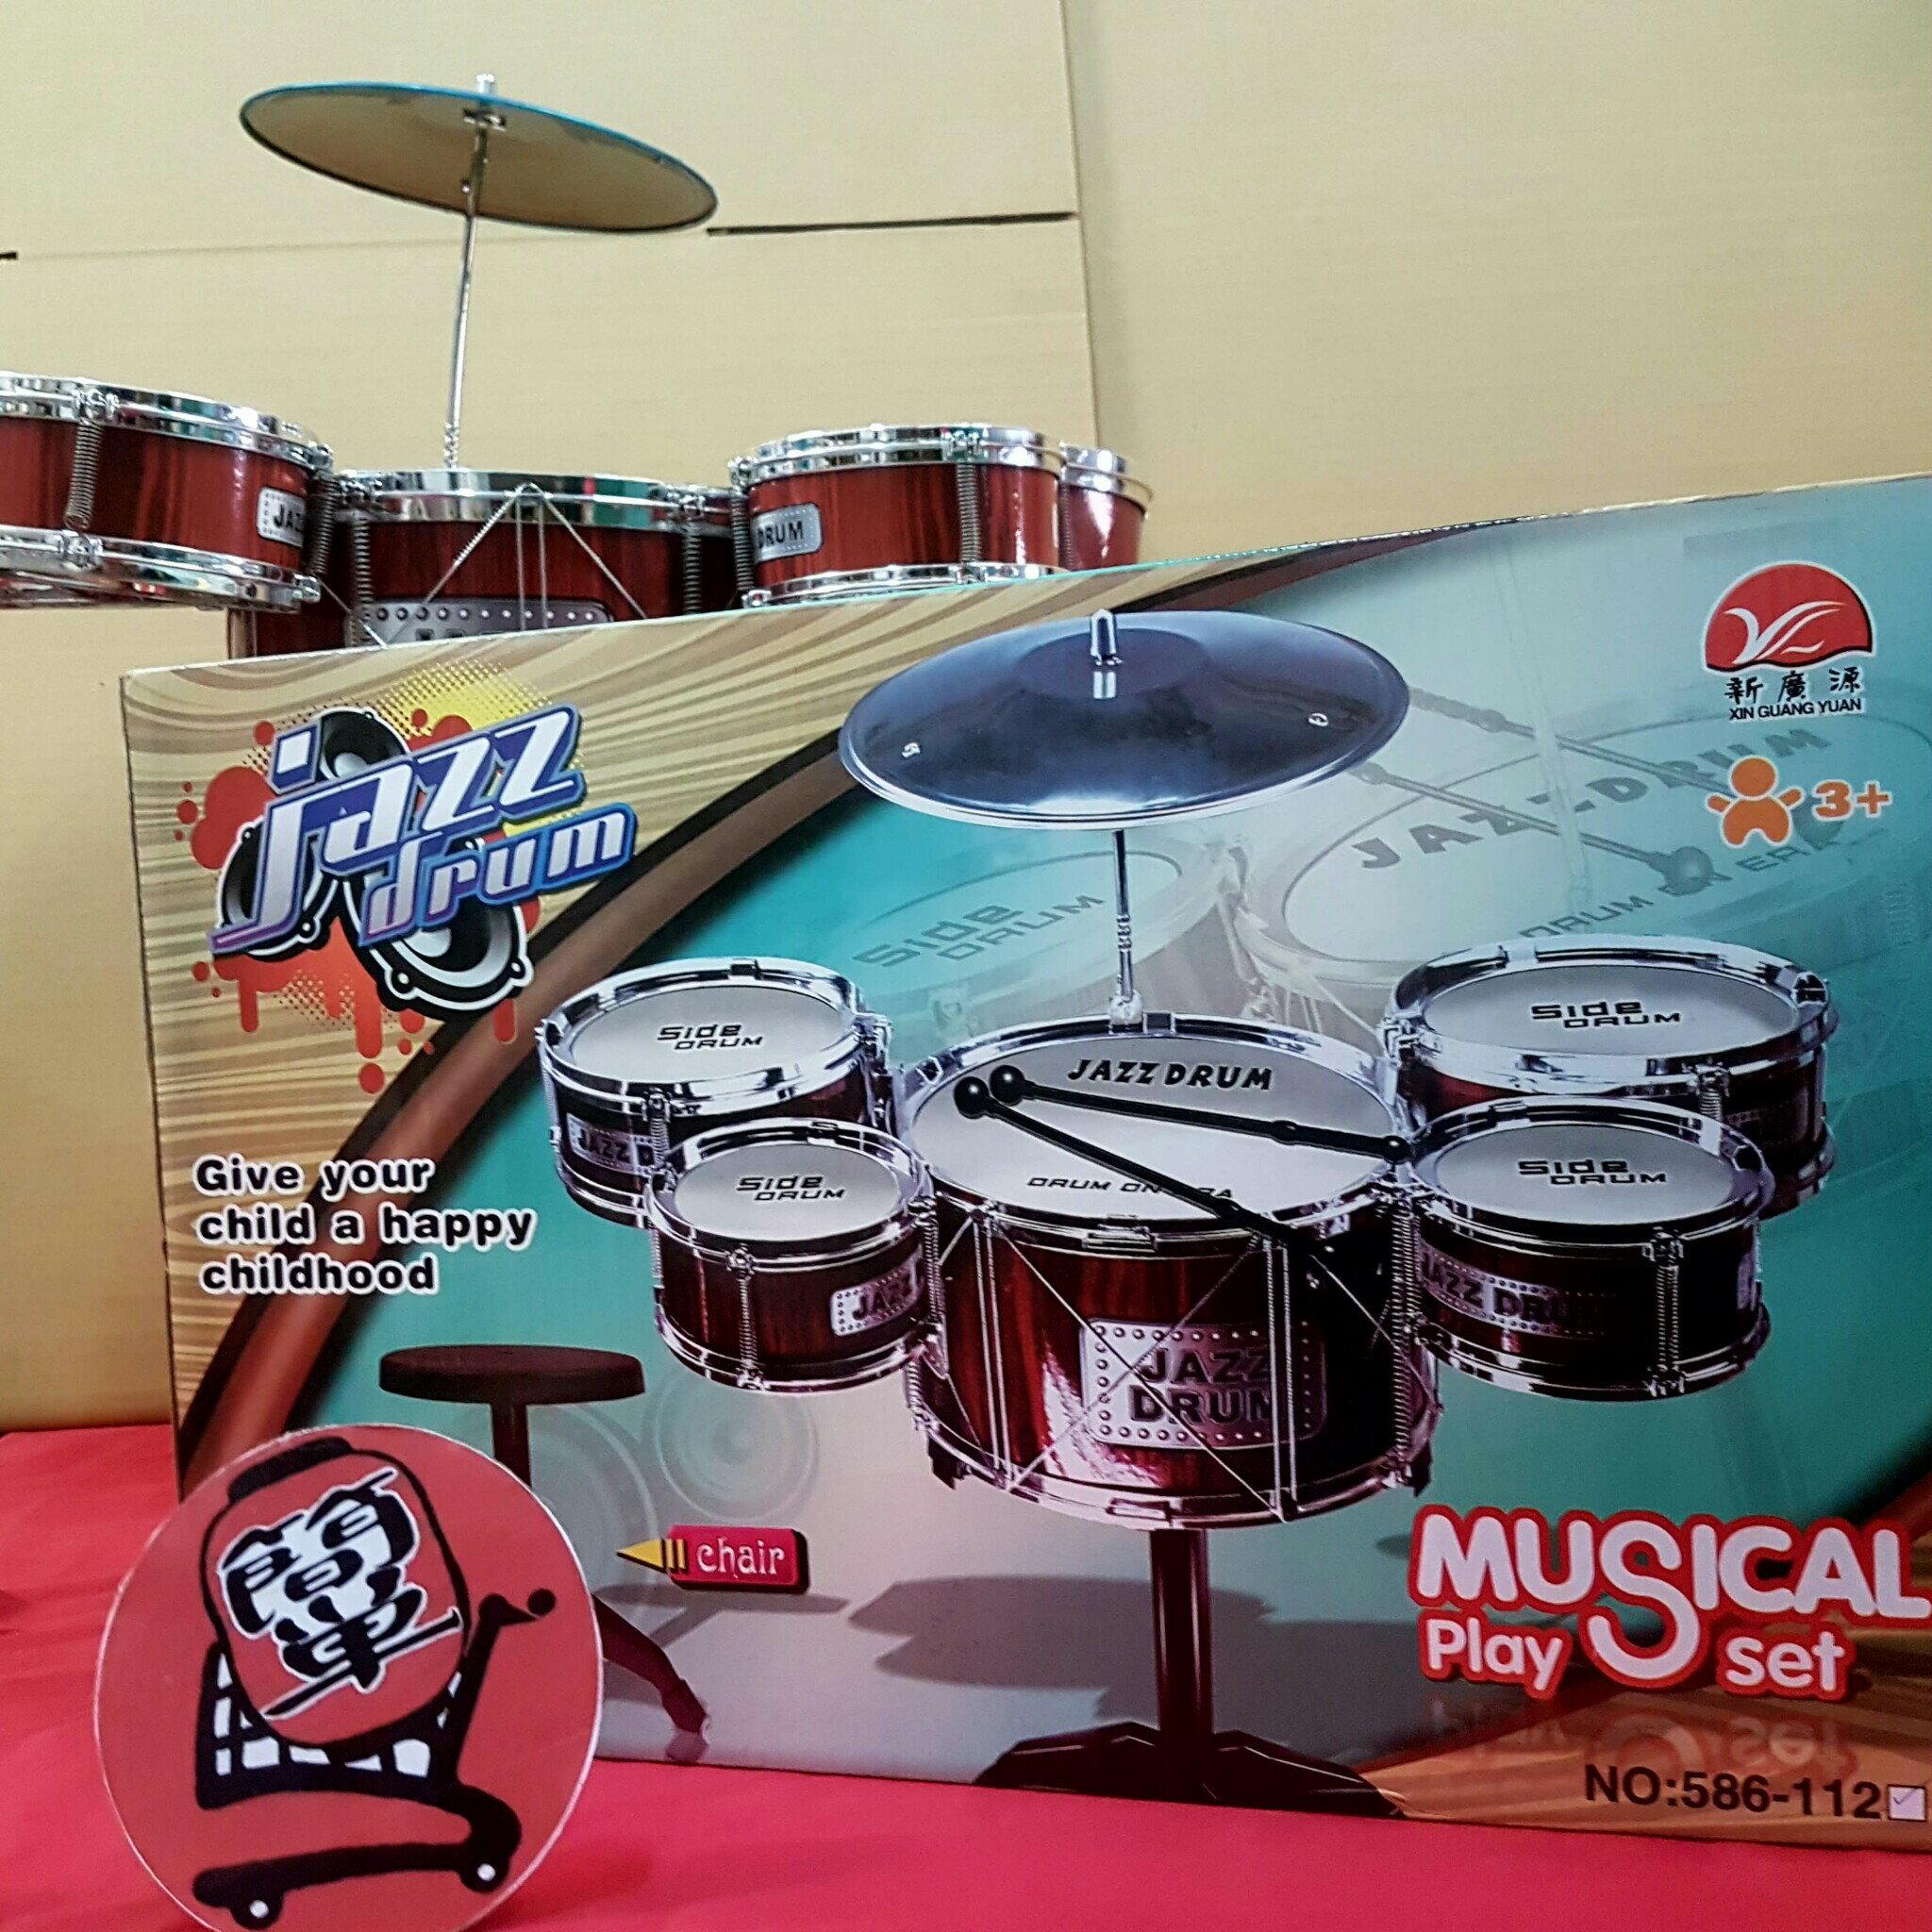 『簡?全球購』超人氣 兒童爵士鼓玩具 台灣商檢合格